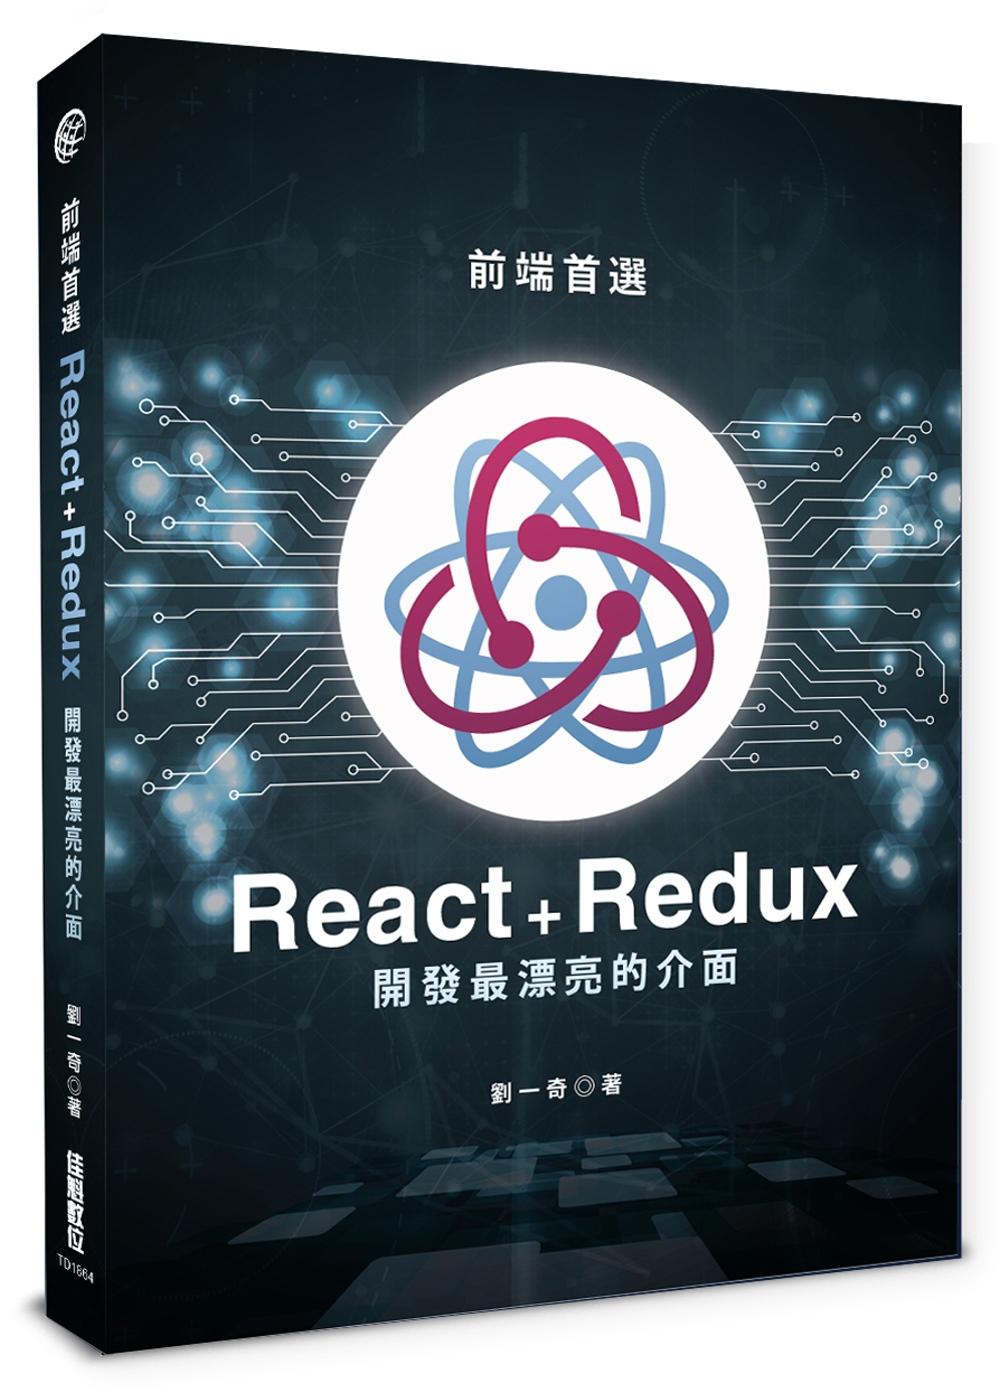 前端首選:React +Redux開發最漂亮的介面